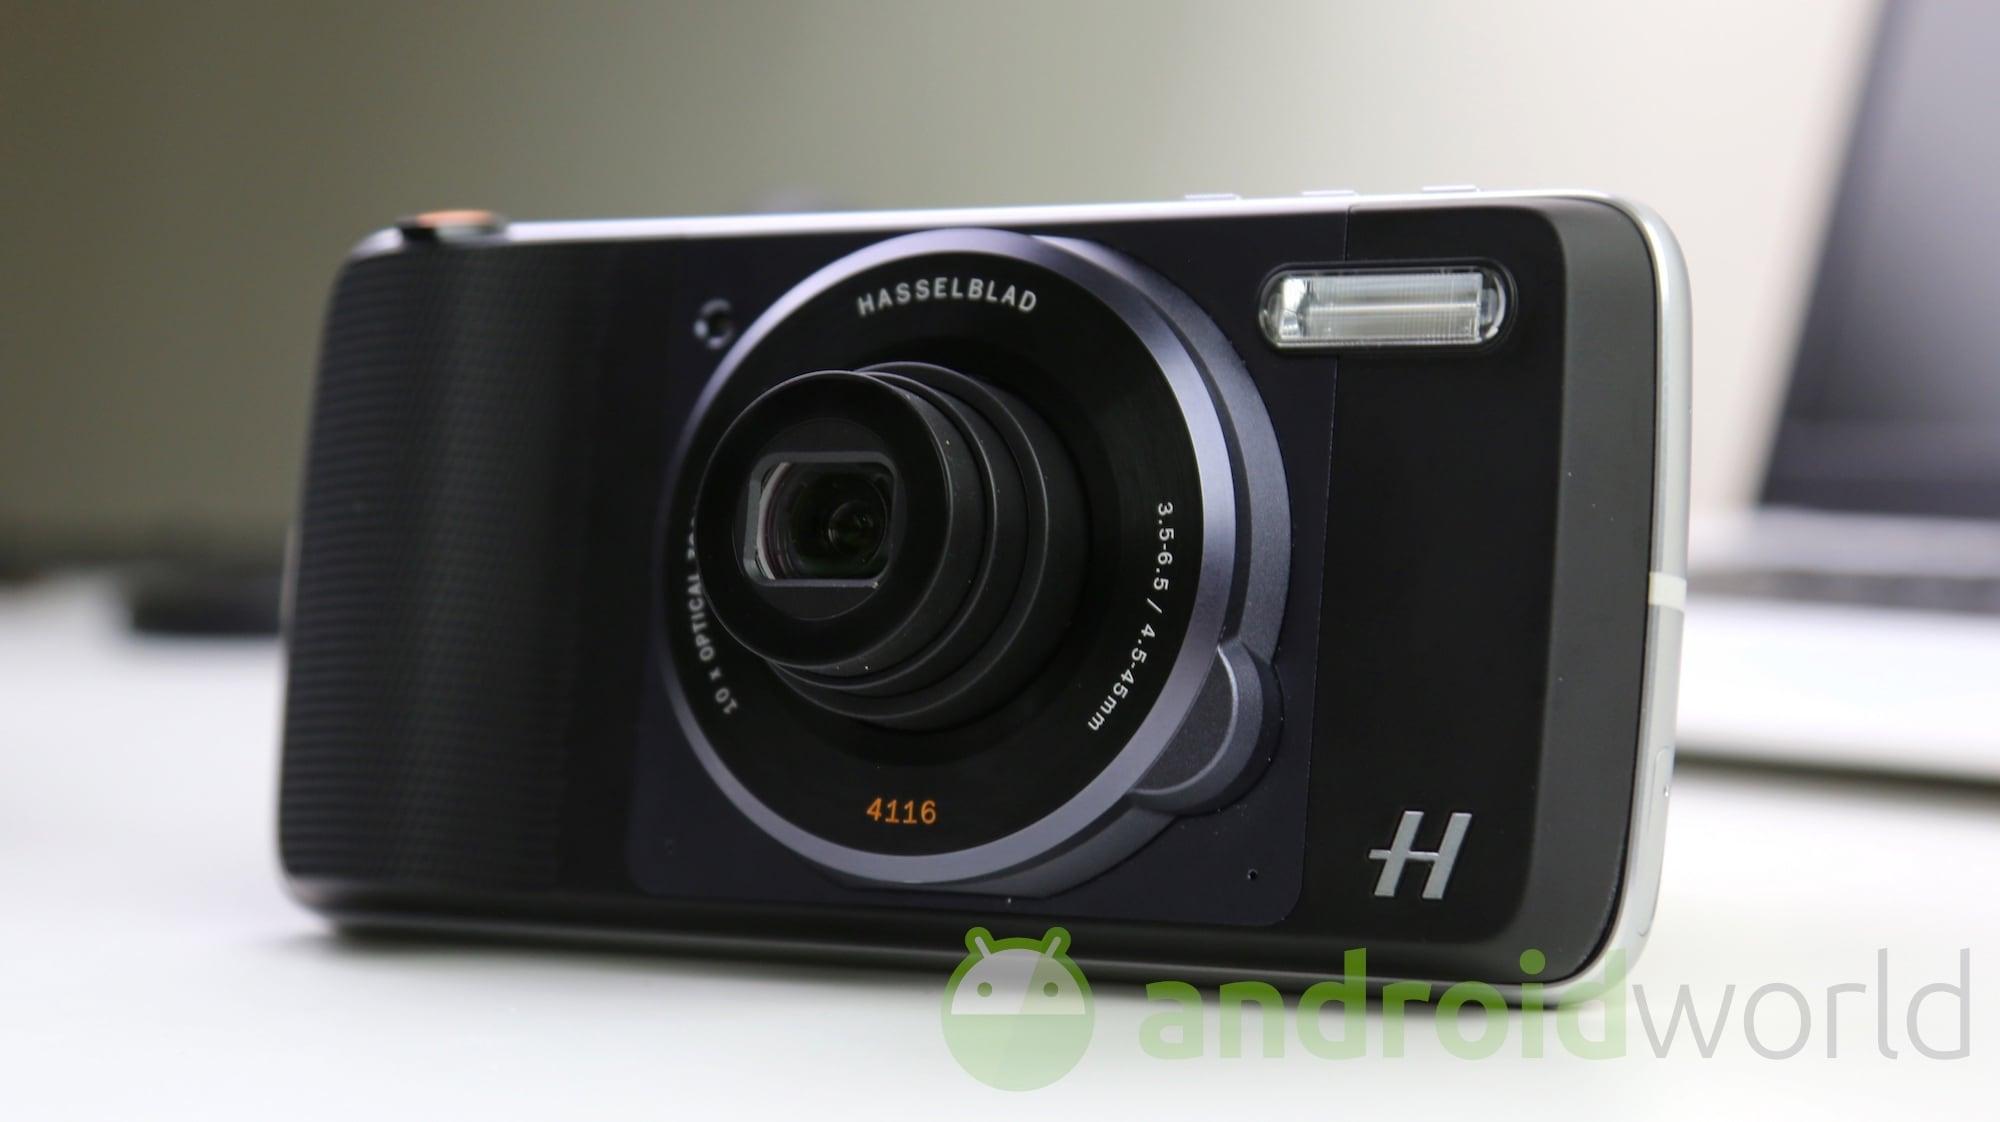 modulo fotocamera hasselblad per smartphone lenovo la